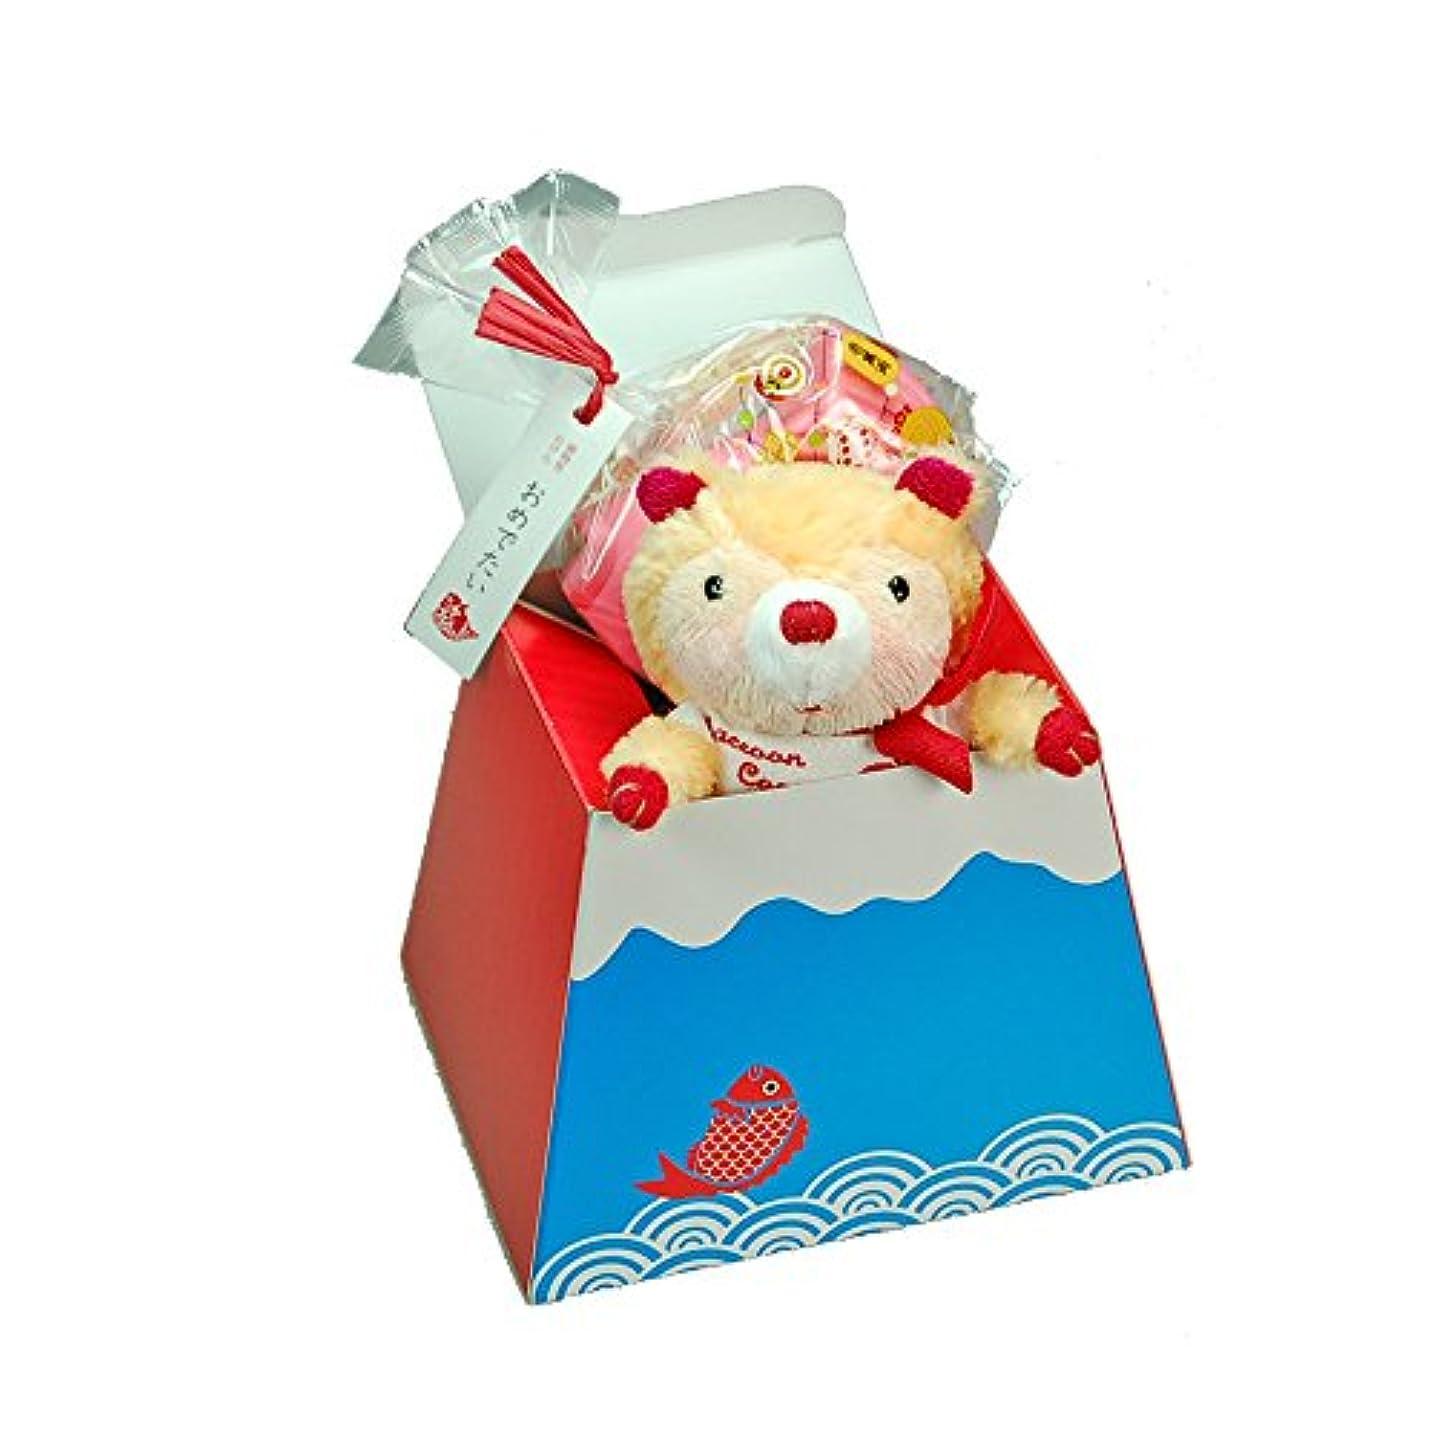 優先理容師スポーツの試合を担当している人プチギフト リトルマスコット 鯛 石けん 富士山ラッピング付き 誕生日プレゼント お祝い 入学 卒業  (リトルセット)